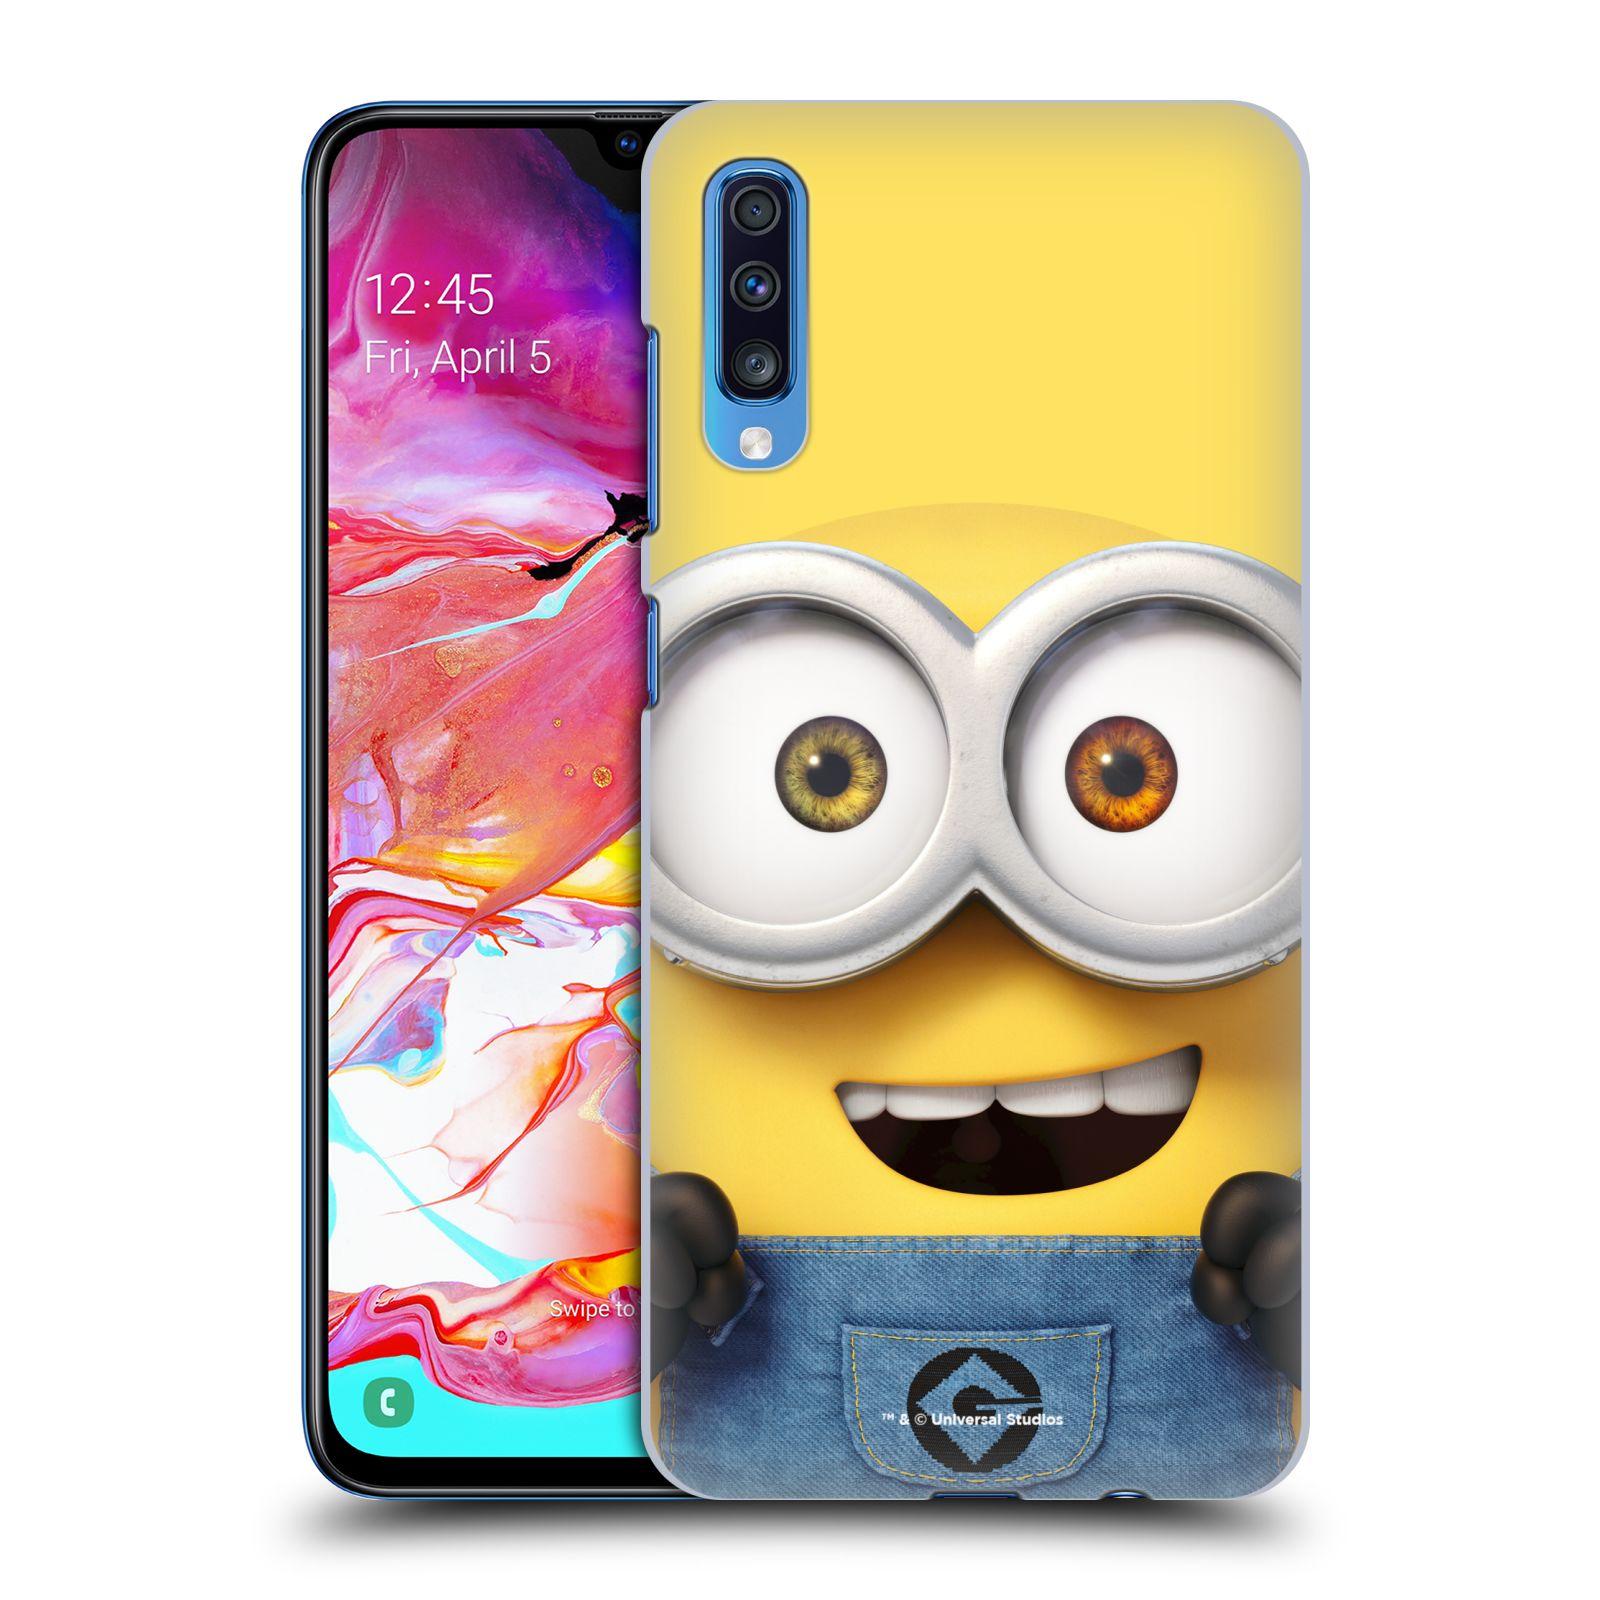 Plastové pouzdro na mobil Samsung Galaxy A70 - Head Case - Mimoň Bob z filmu Já, padouch - Despicable Me